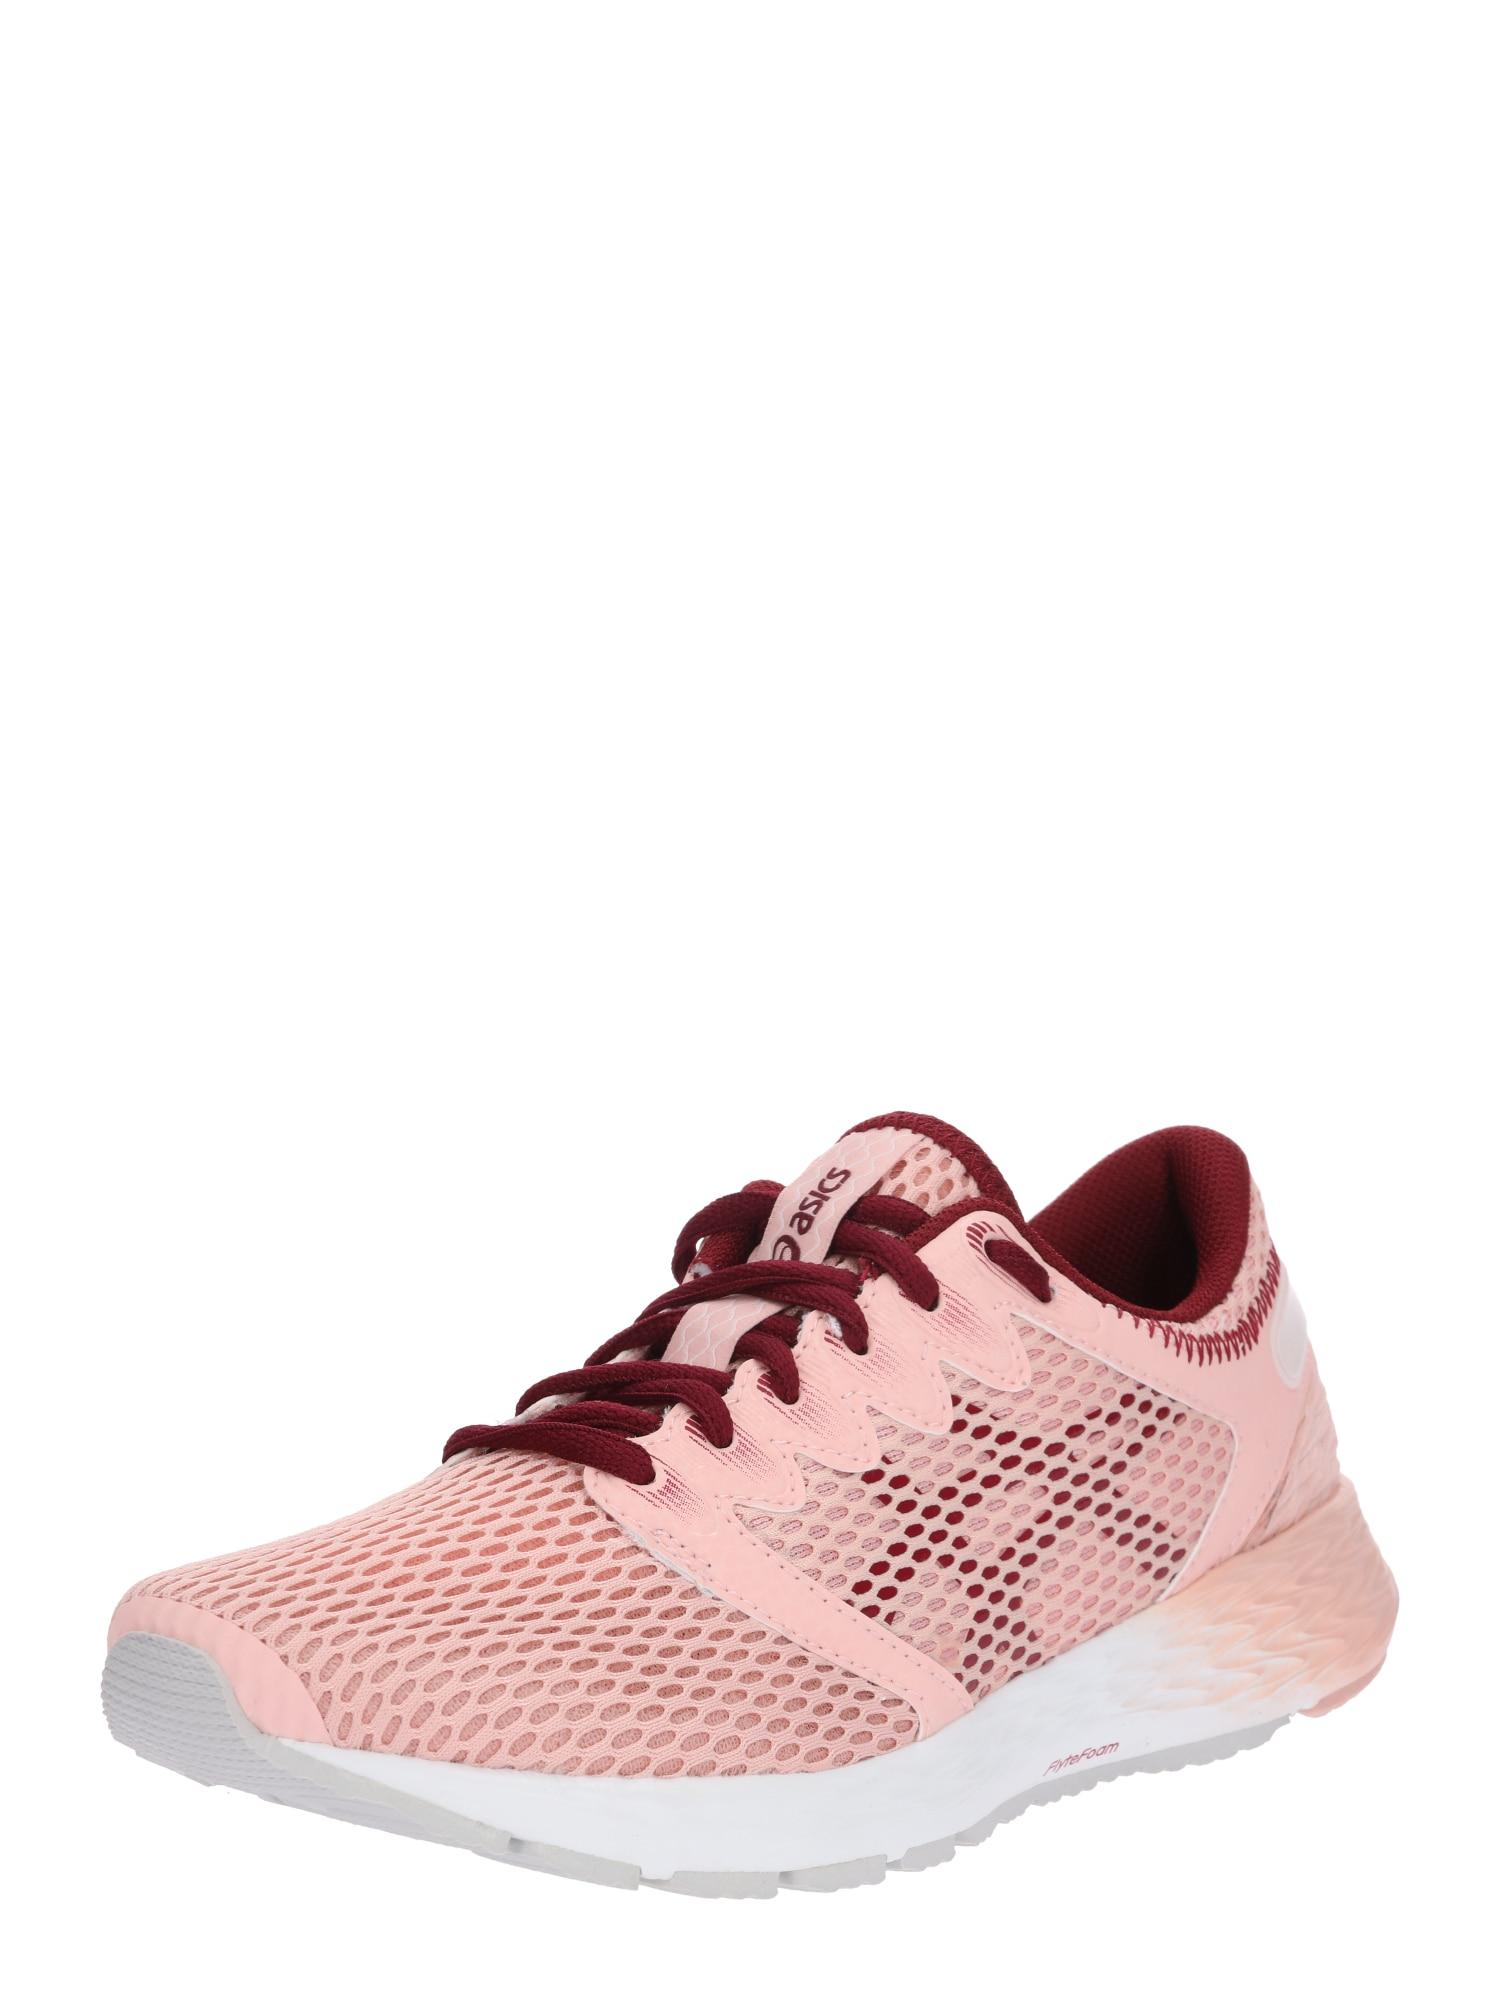 Sportovní boty RoadHawk FF 2 růžová merlot ASICS